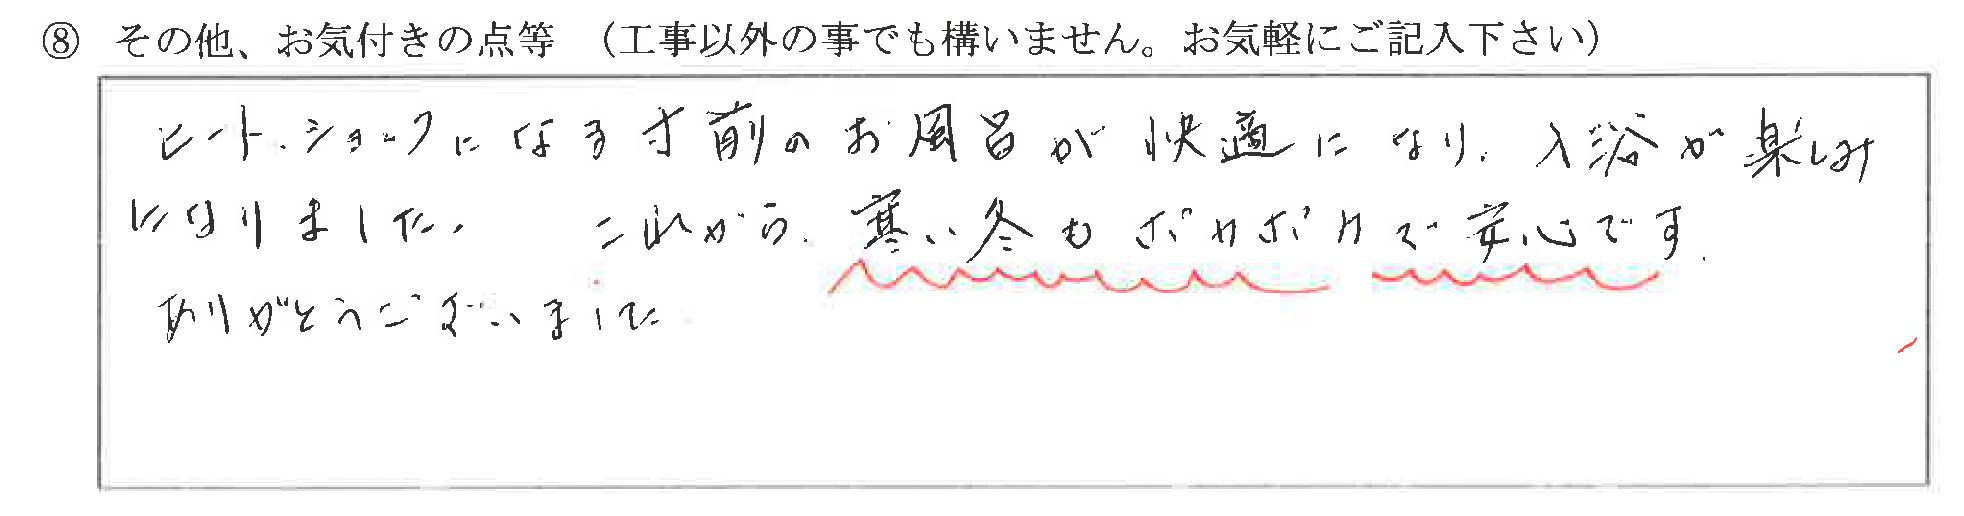 富山県富山市K様に頂いた浴室改装工事についてのお気づきの点がありましたら、お聞かせ下さい。というご質問について「浴室改装工事【お喜びの声】」というお声についての画像